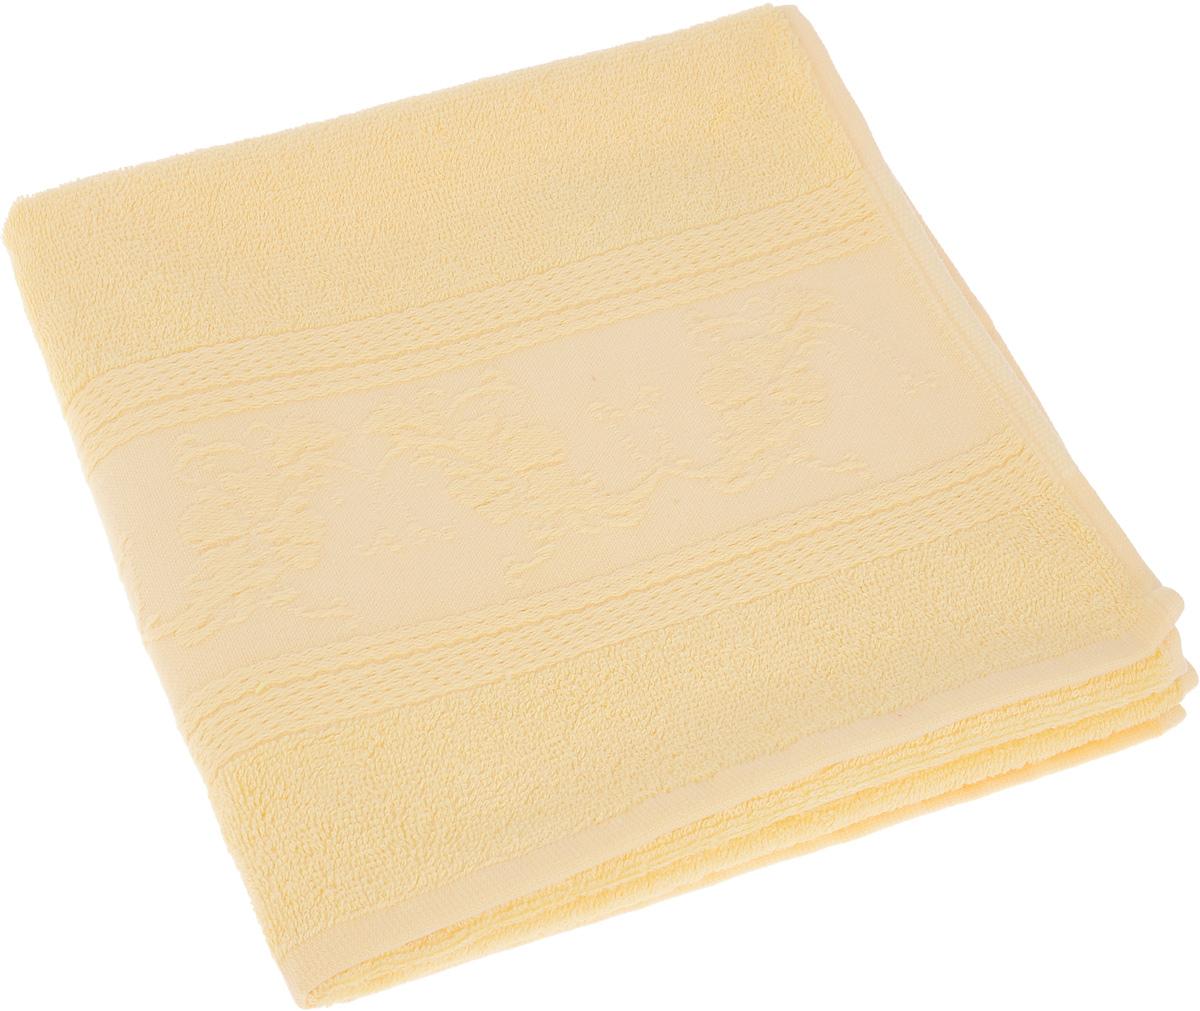 Полотенце Soavita Luxury. Цветы, цвет: желтый, 50 х 70 см391602Полотенце Soavita Luxury. Цветы выполнено из 40% хлопка и 60% бамбука. Изделие отлично впитывает влагу, быстро сохнет, сохраняет яркость цвета и не теряет форму даже после многократных стирок. Полотенце очень практично и неприхотливо в уходе. Оно создаст прекрасное настроение и украсит интерьер в ванной комнате.